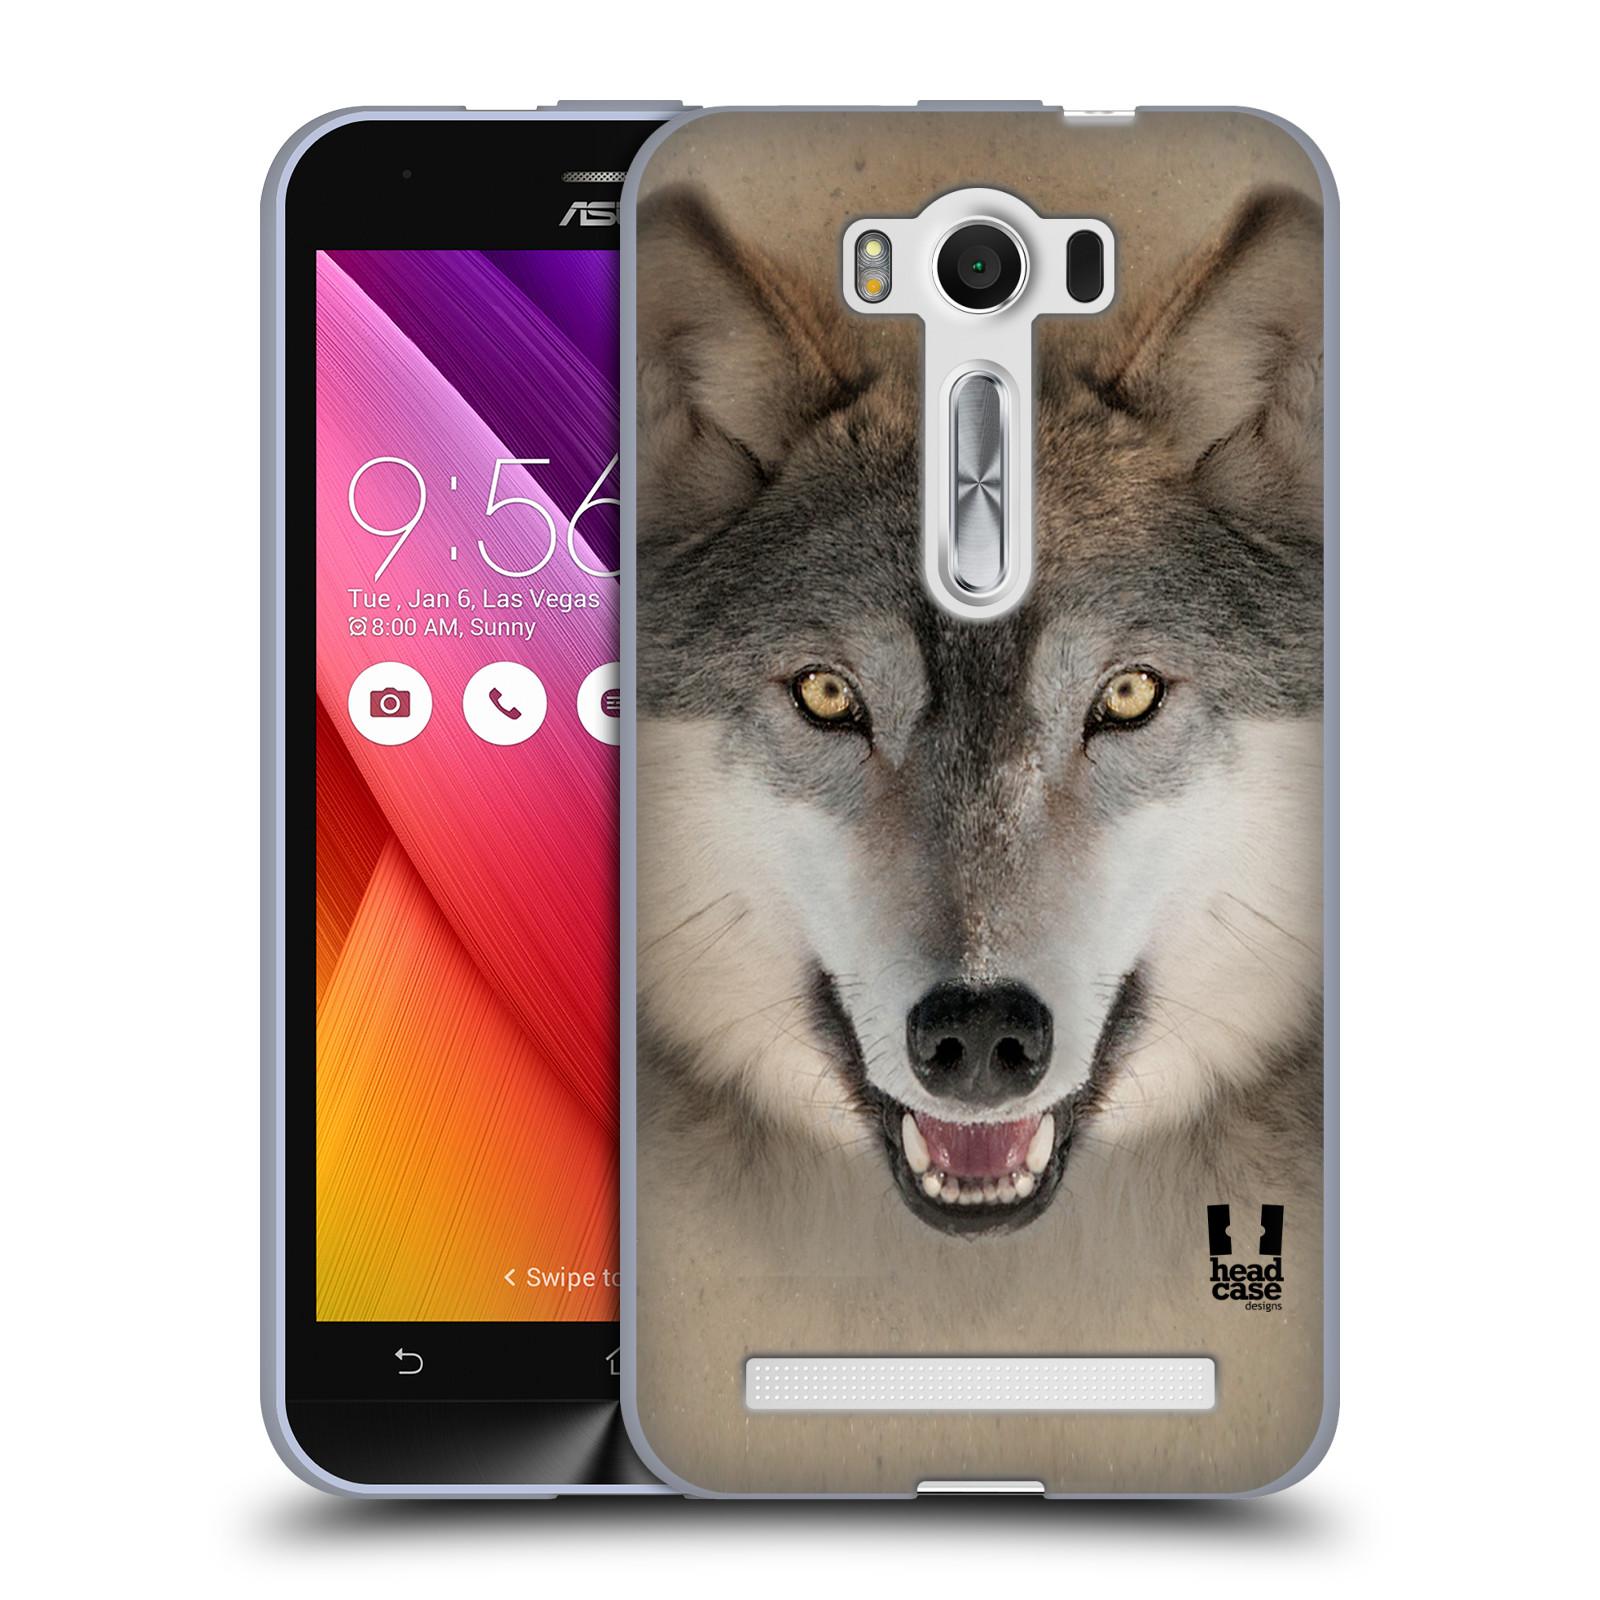 """HEAD CASE silikonový obal na mobil Asus Zenfone 2 LASER (ZE500KL s 5"""" displejem) vzor Zvířecí tváře 2 vlk šedý"""